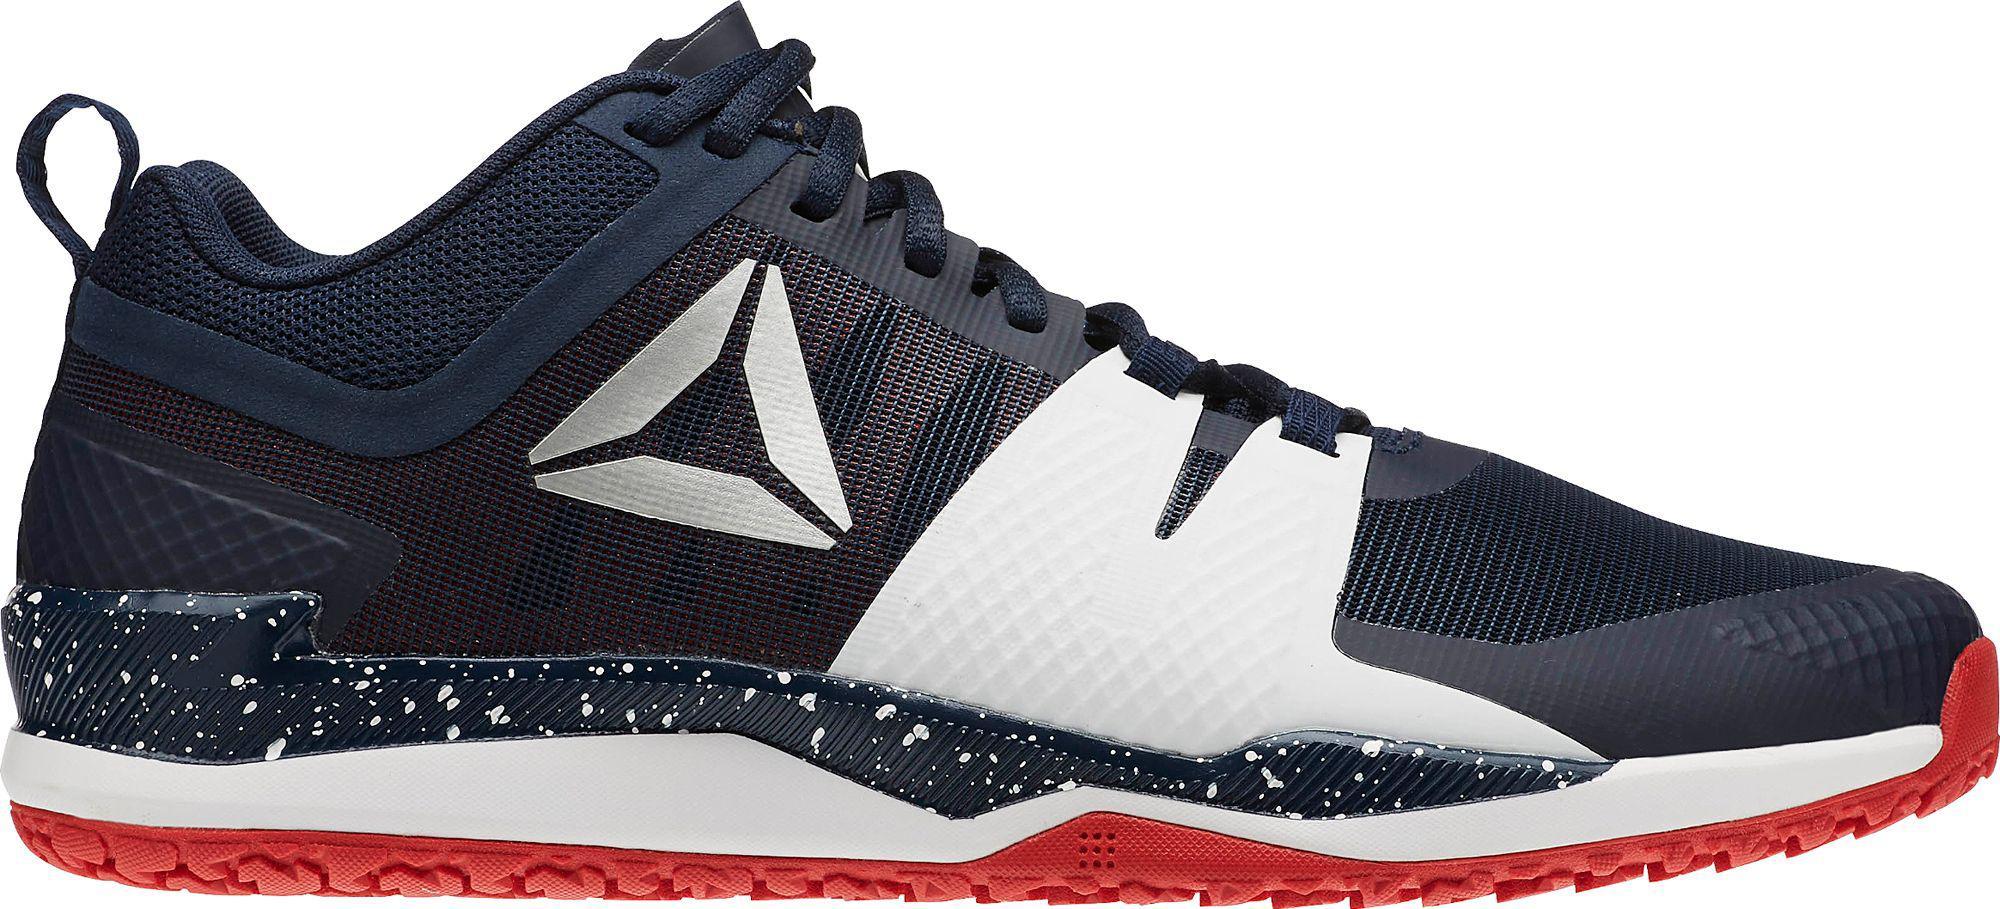 Lyst - Reebok Jj Watt I Tr Training Shoes in Blue for Men 2f4e041ba